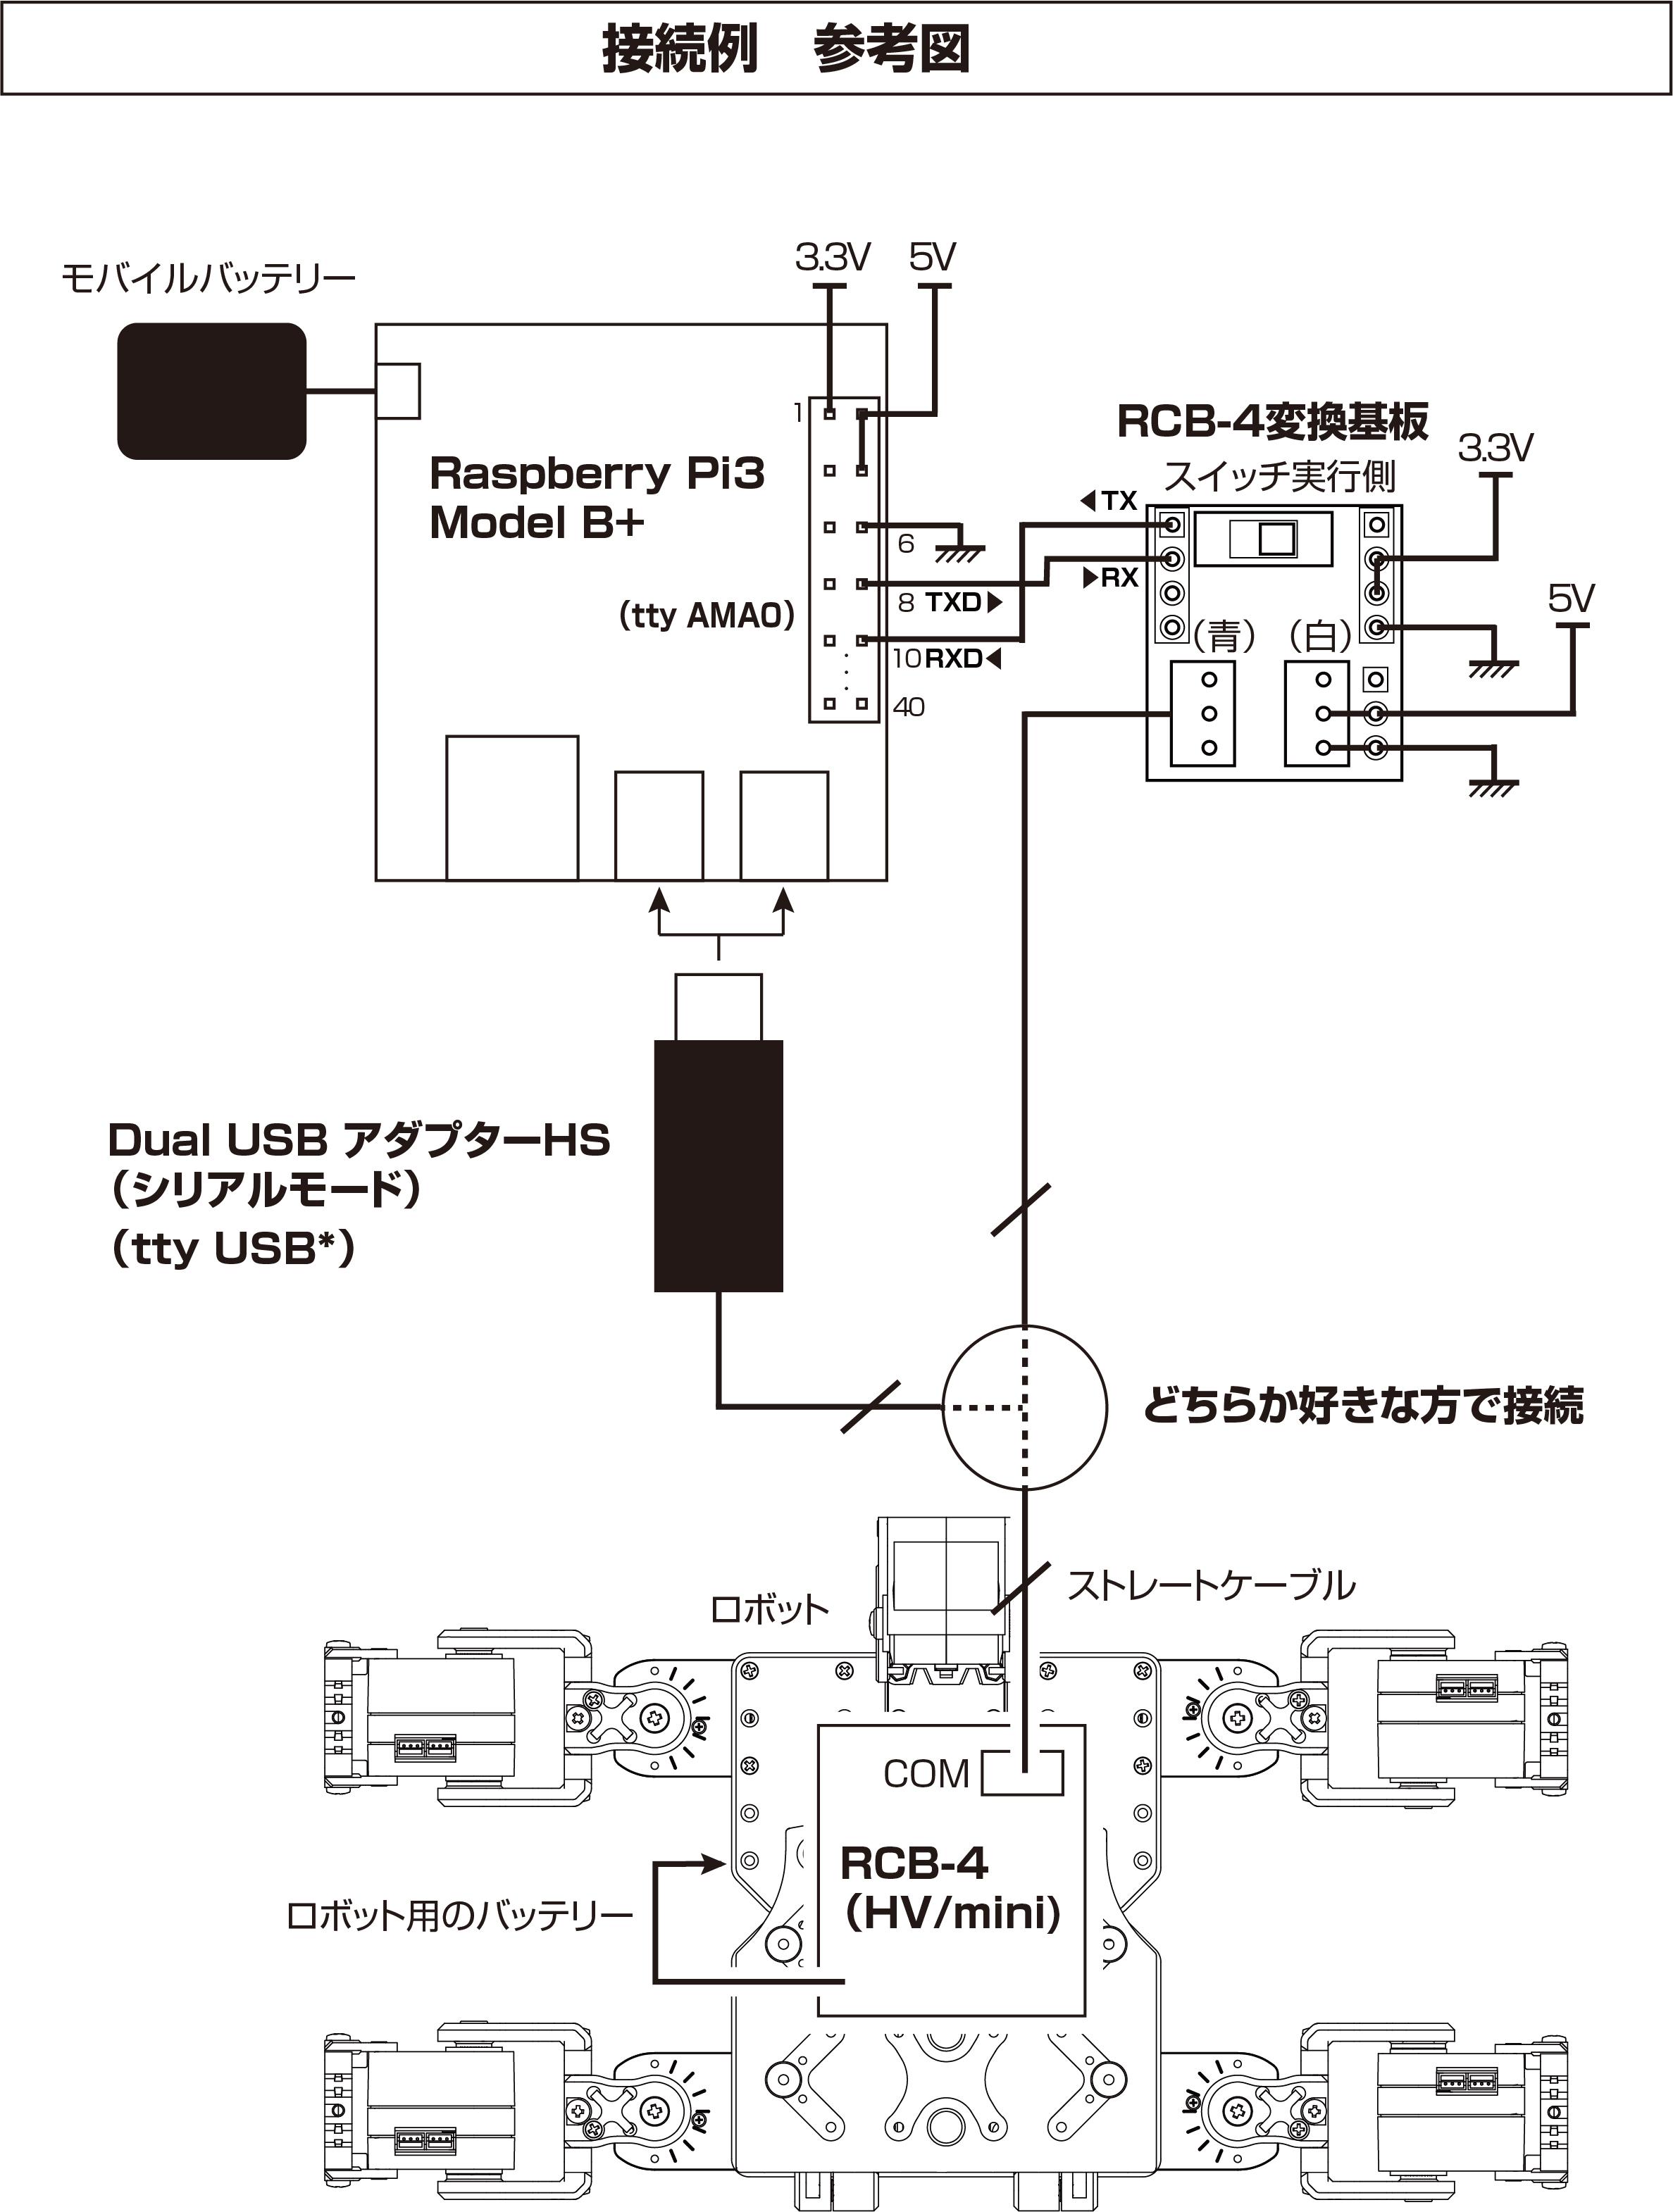 ラズパイ接続図